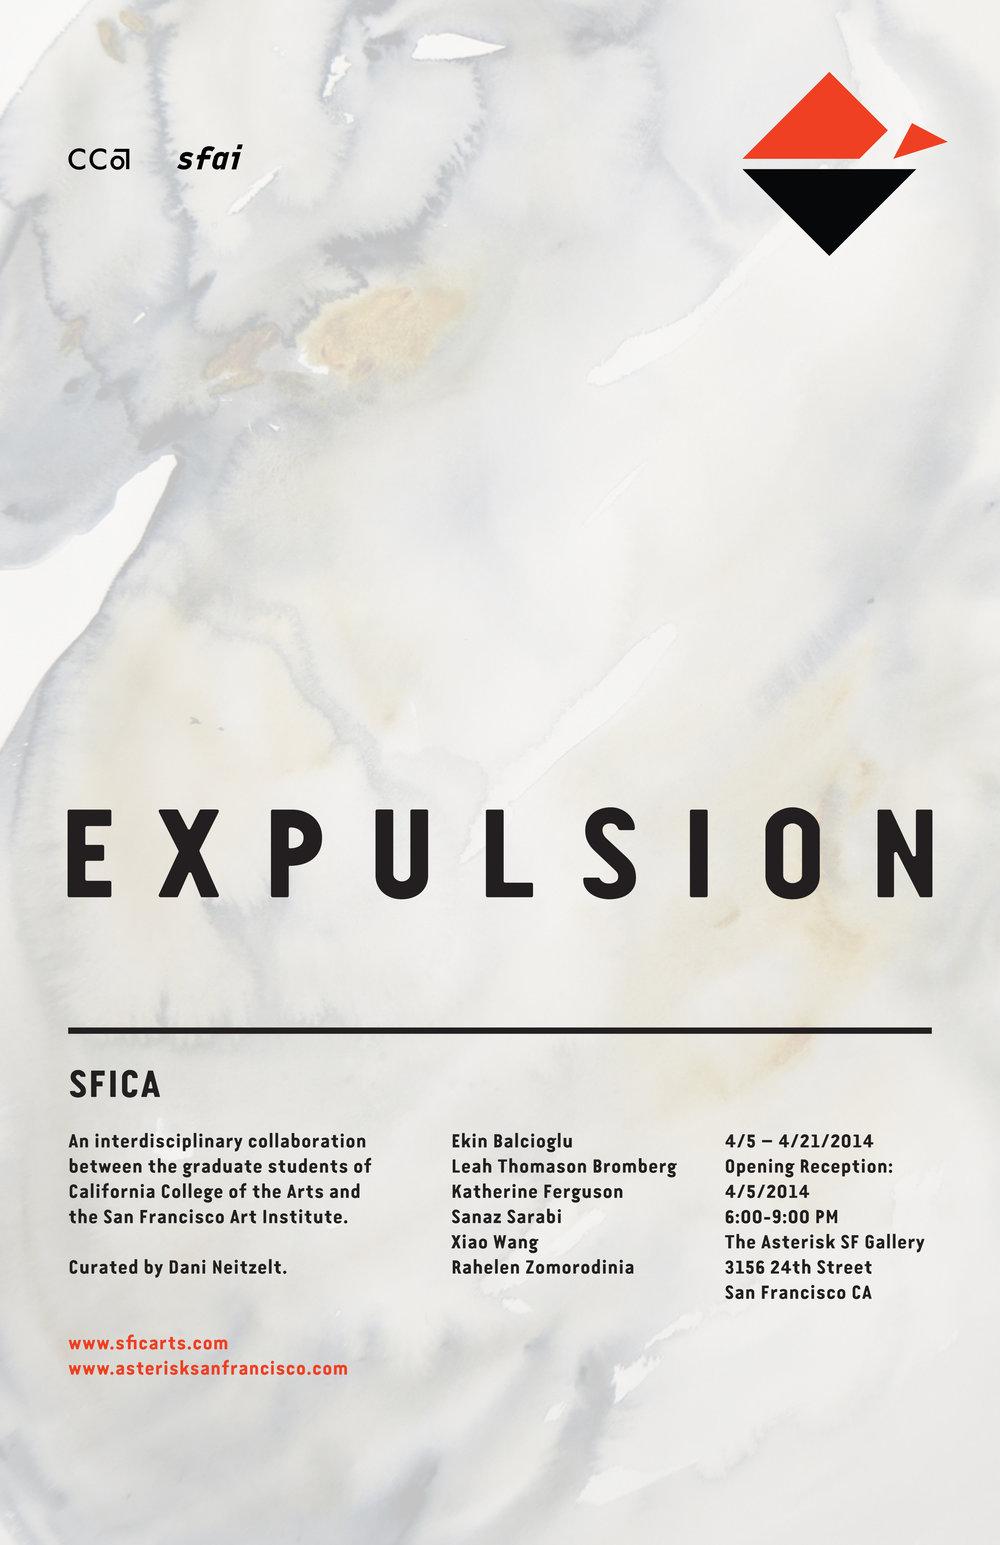 SFICAexpulsion.jpg